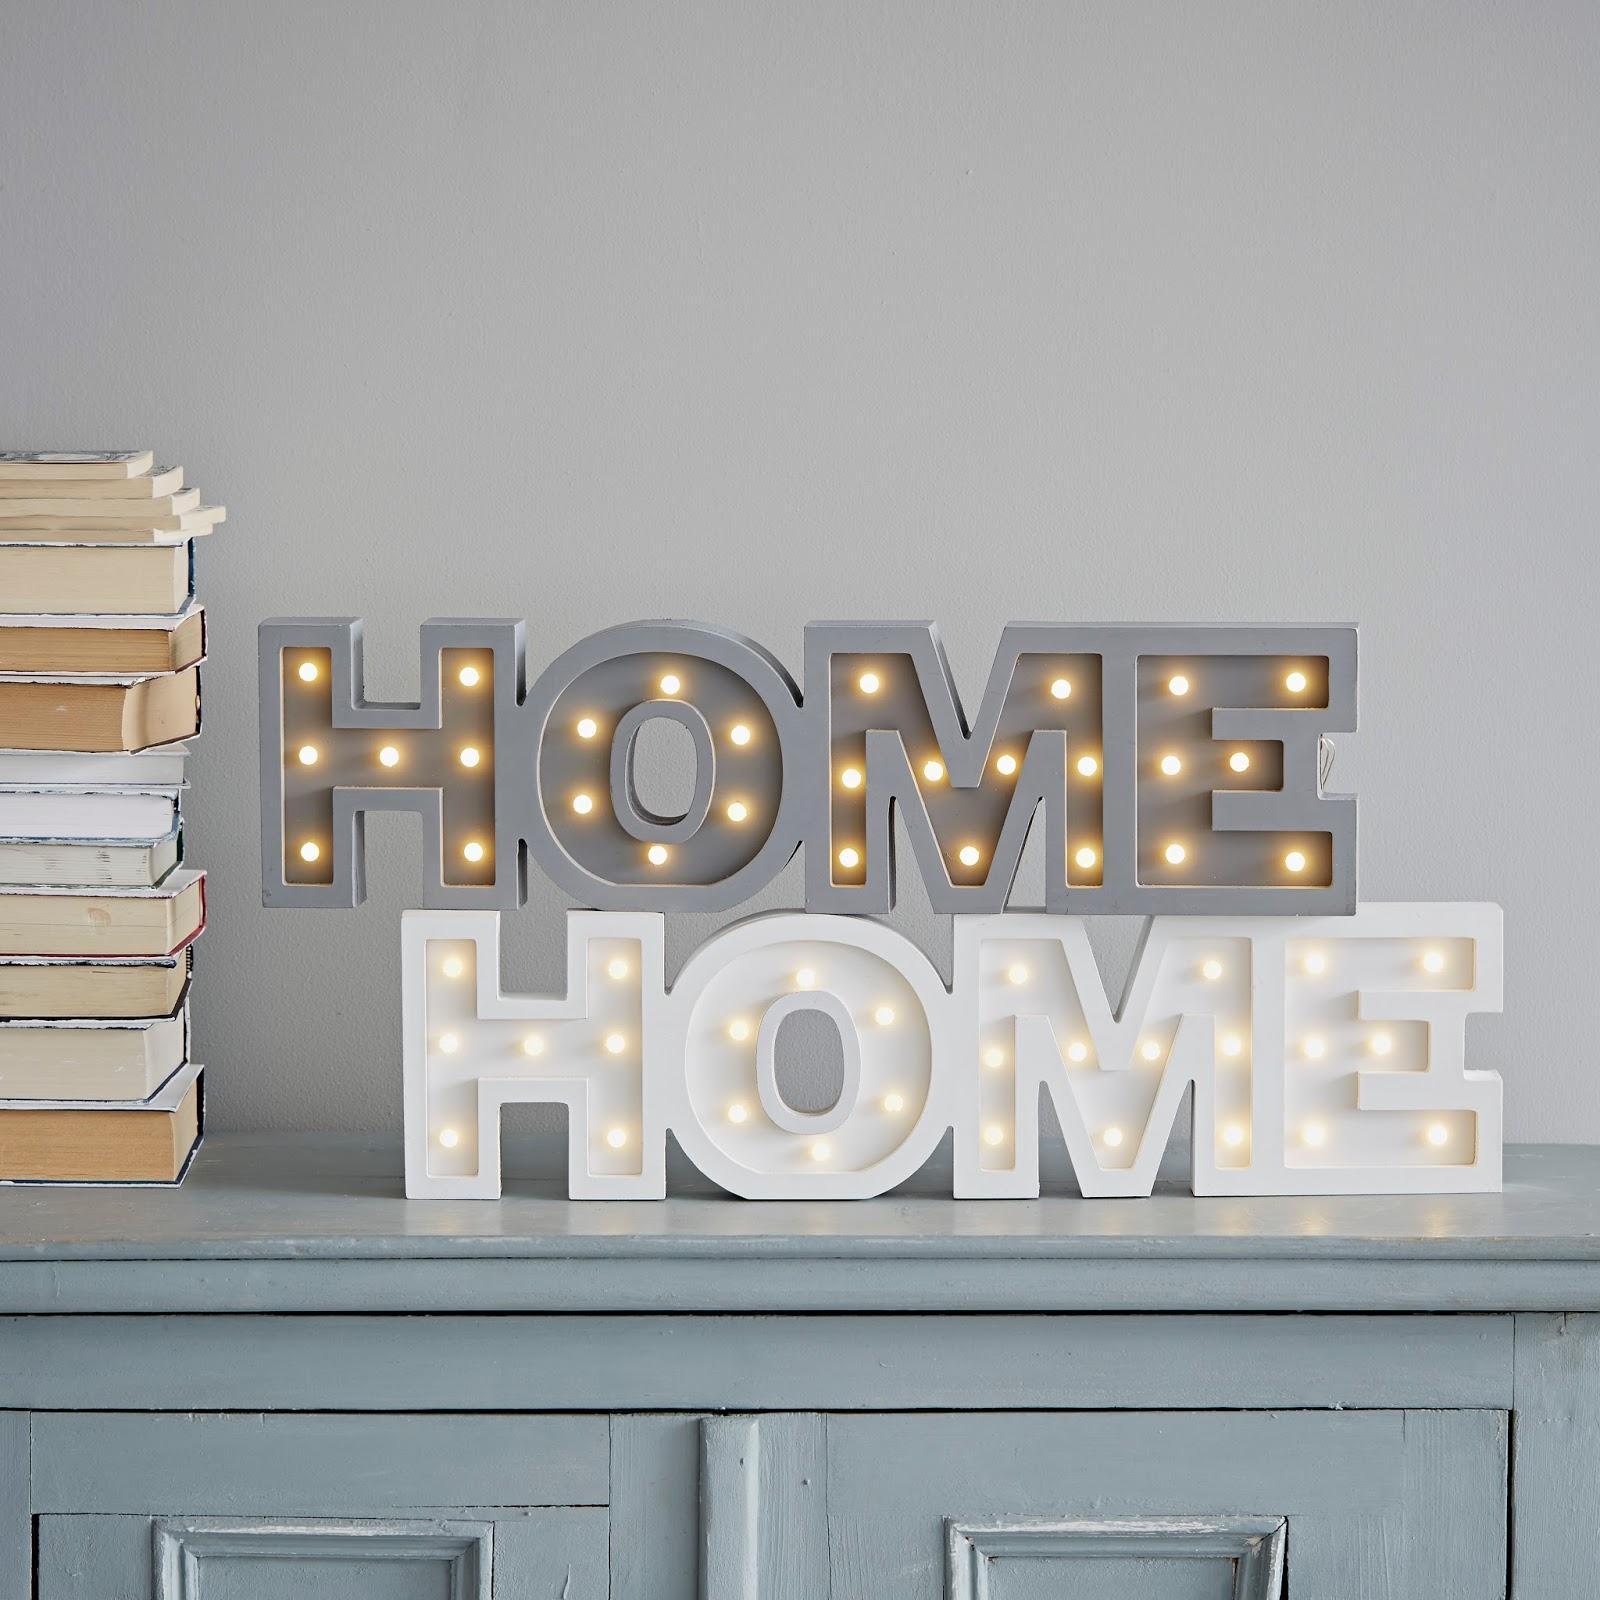 Home trend: Novelty lights